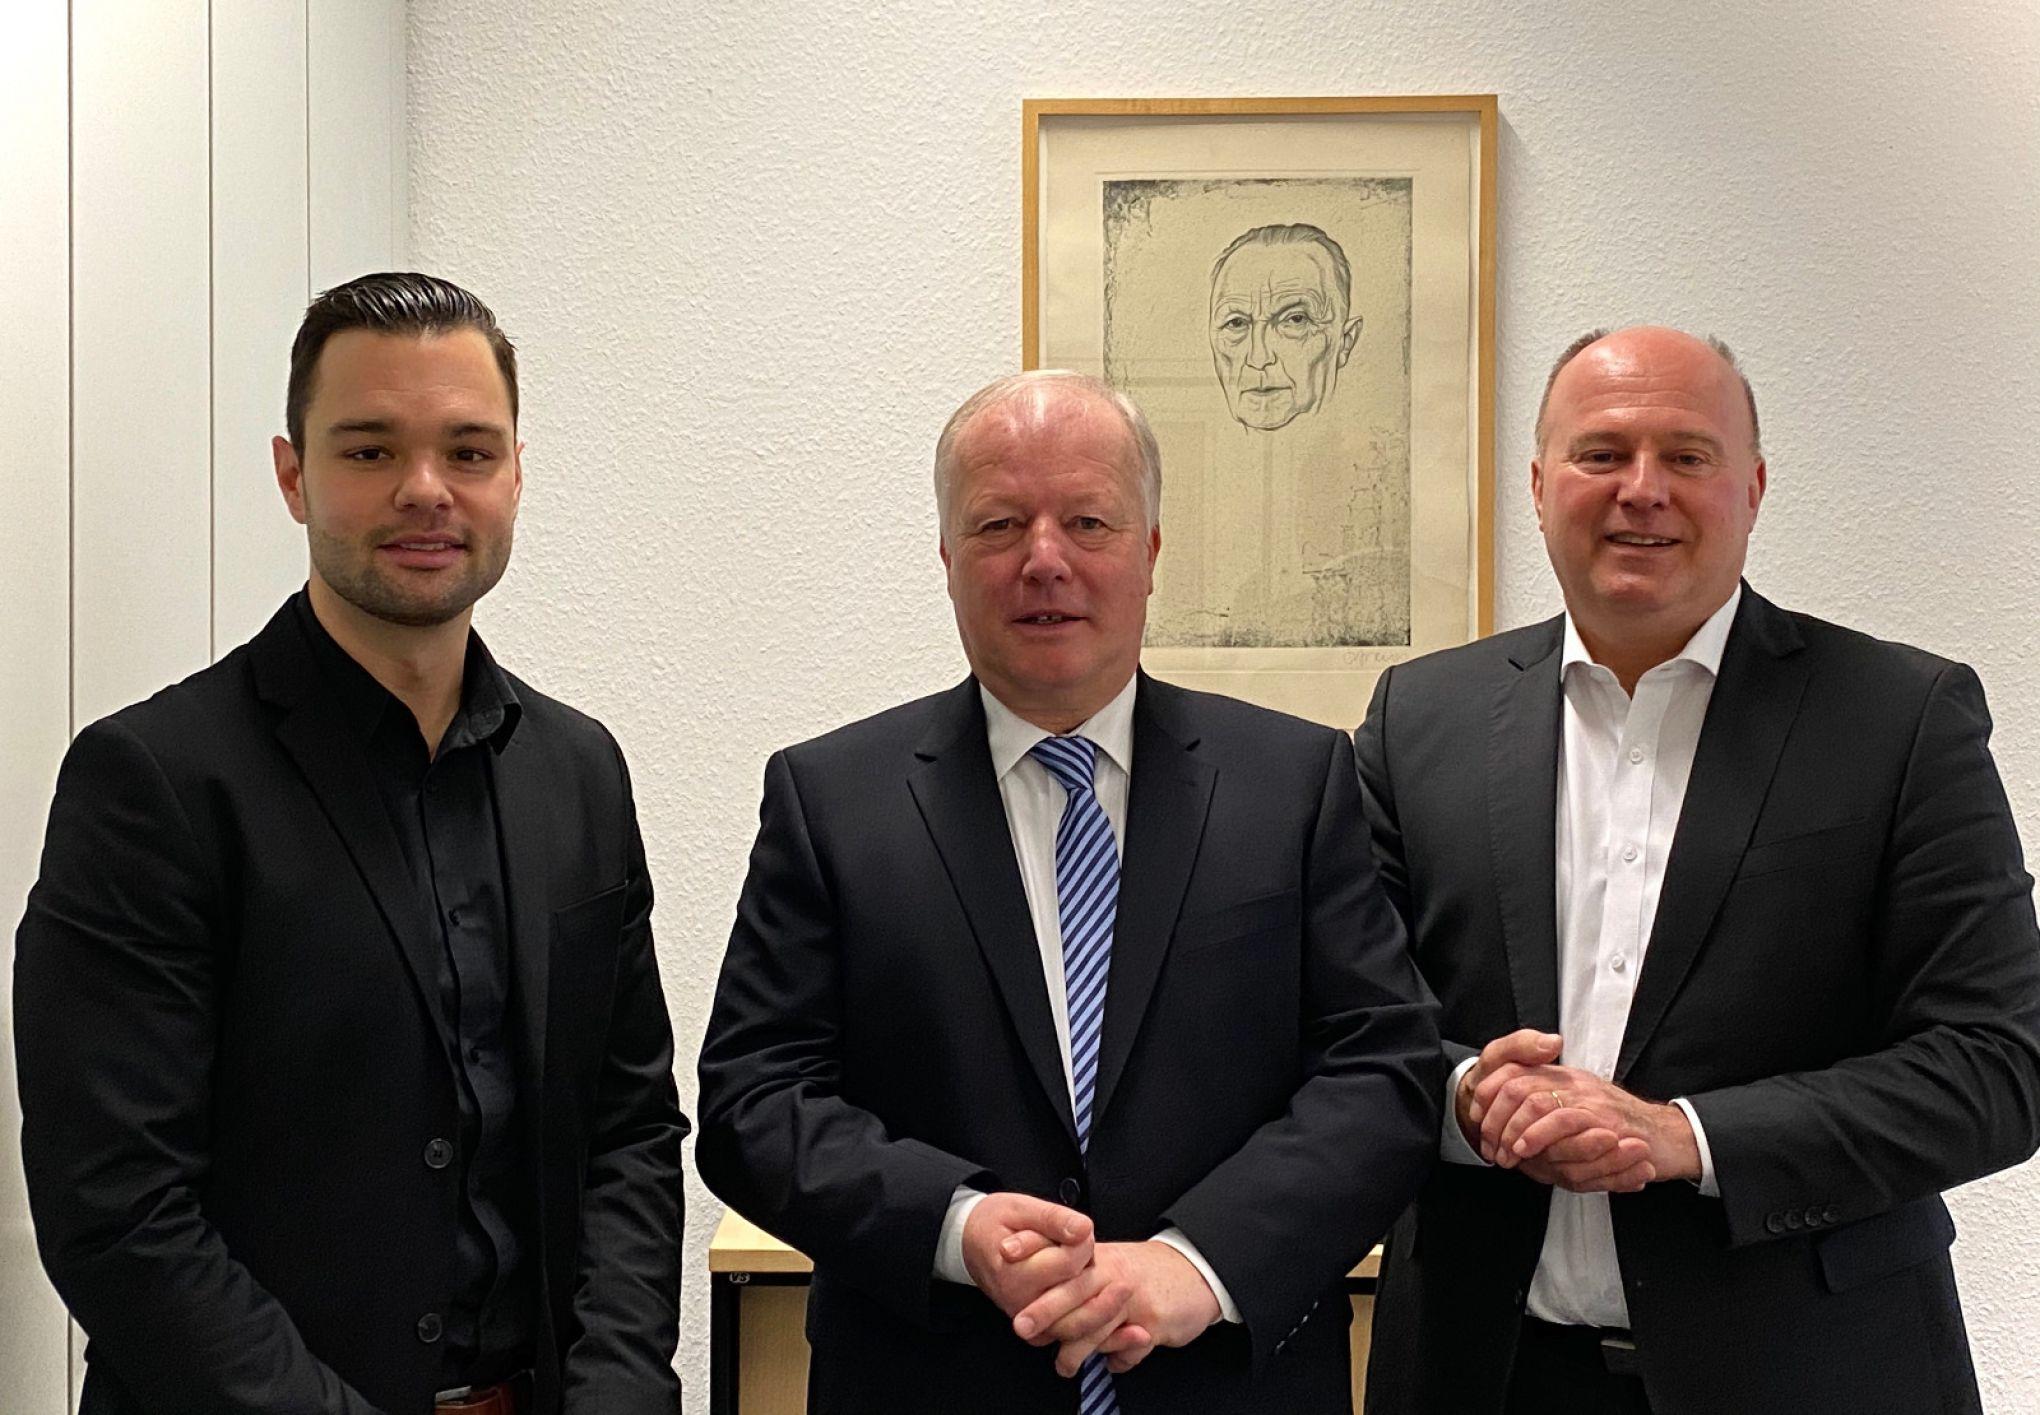 Stiftungsratsvorsitzender Hartmut Koschyk und Projektleiter Dr. Just Quiles im Gespräch mit dem Vorsitzenden des Arbeitskreises Lateinamerika in der CDU/CSU-Bundestagsfraktion, Herrn Peter Weiß MdB.